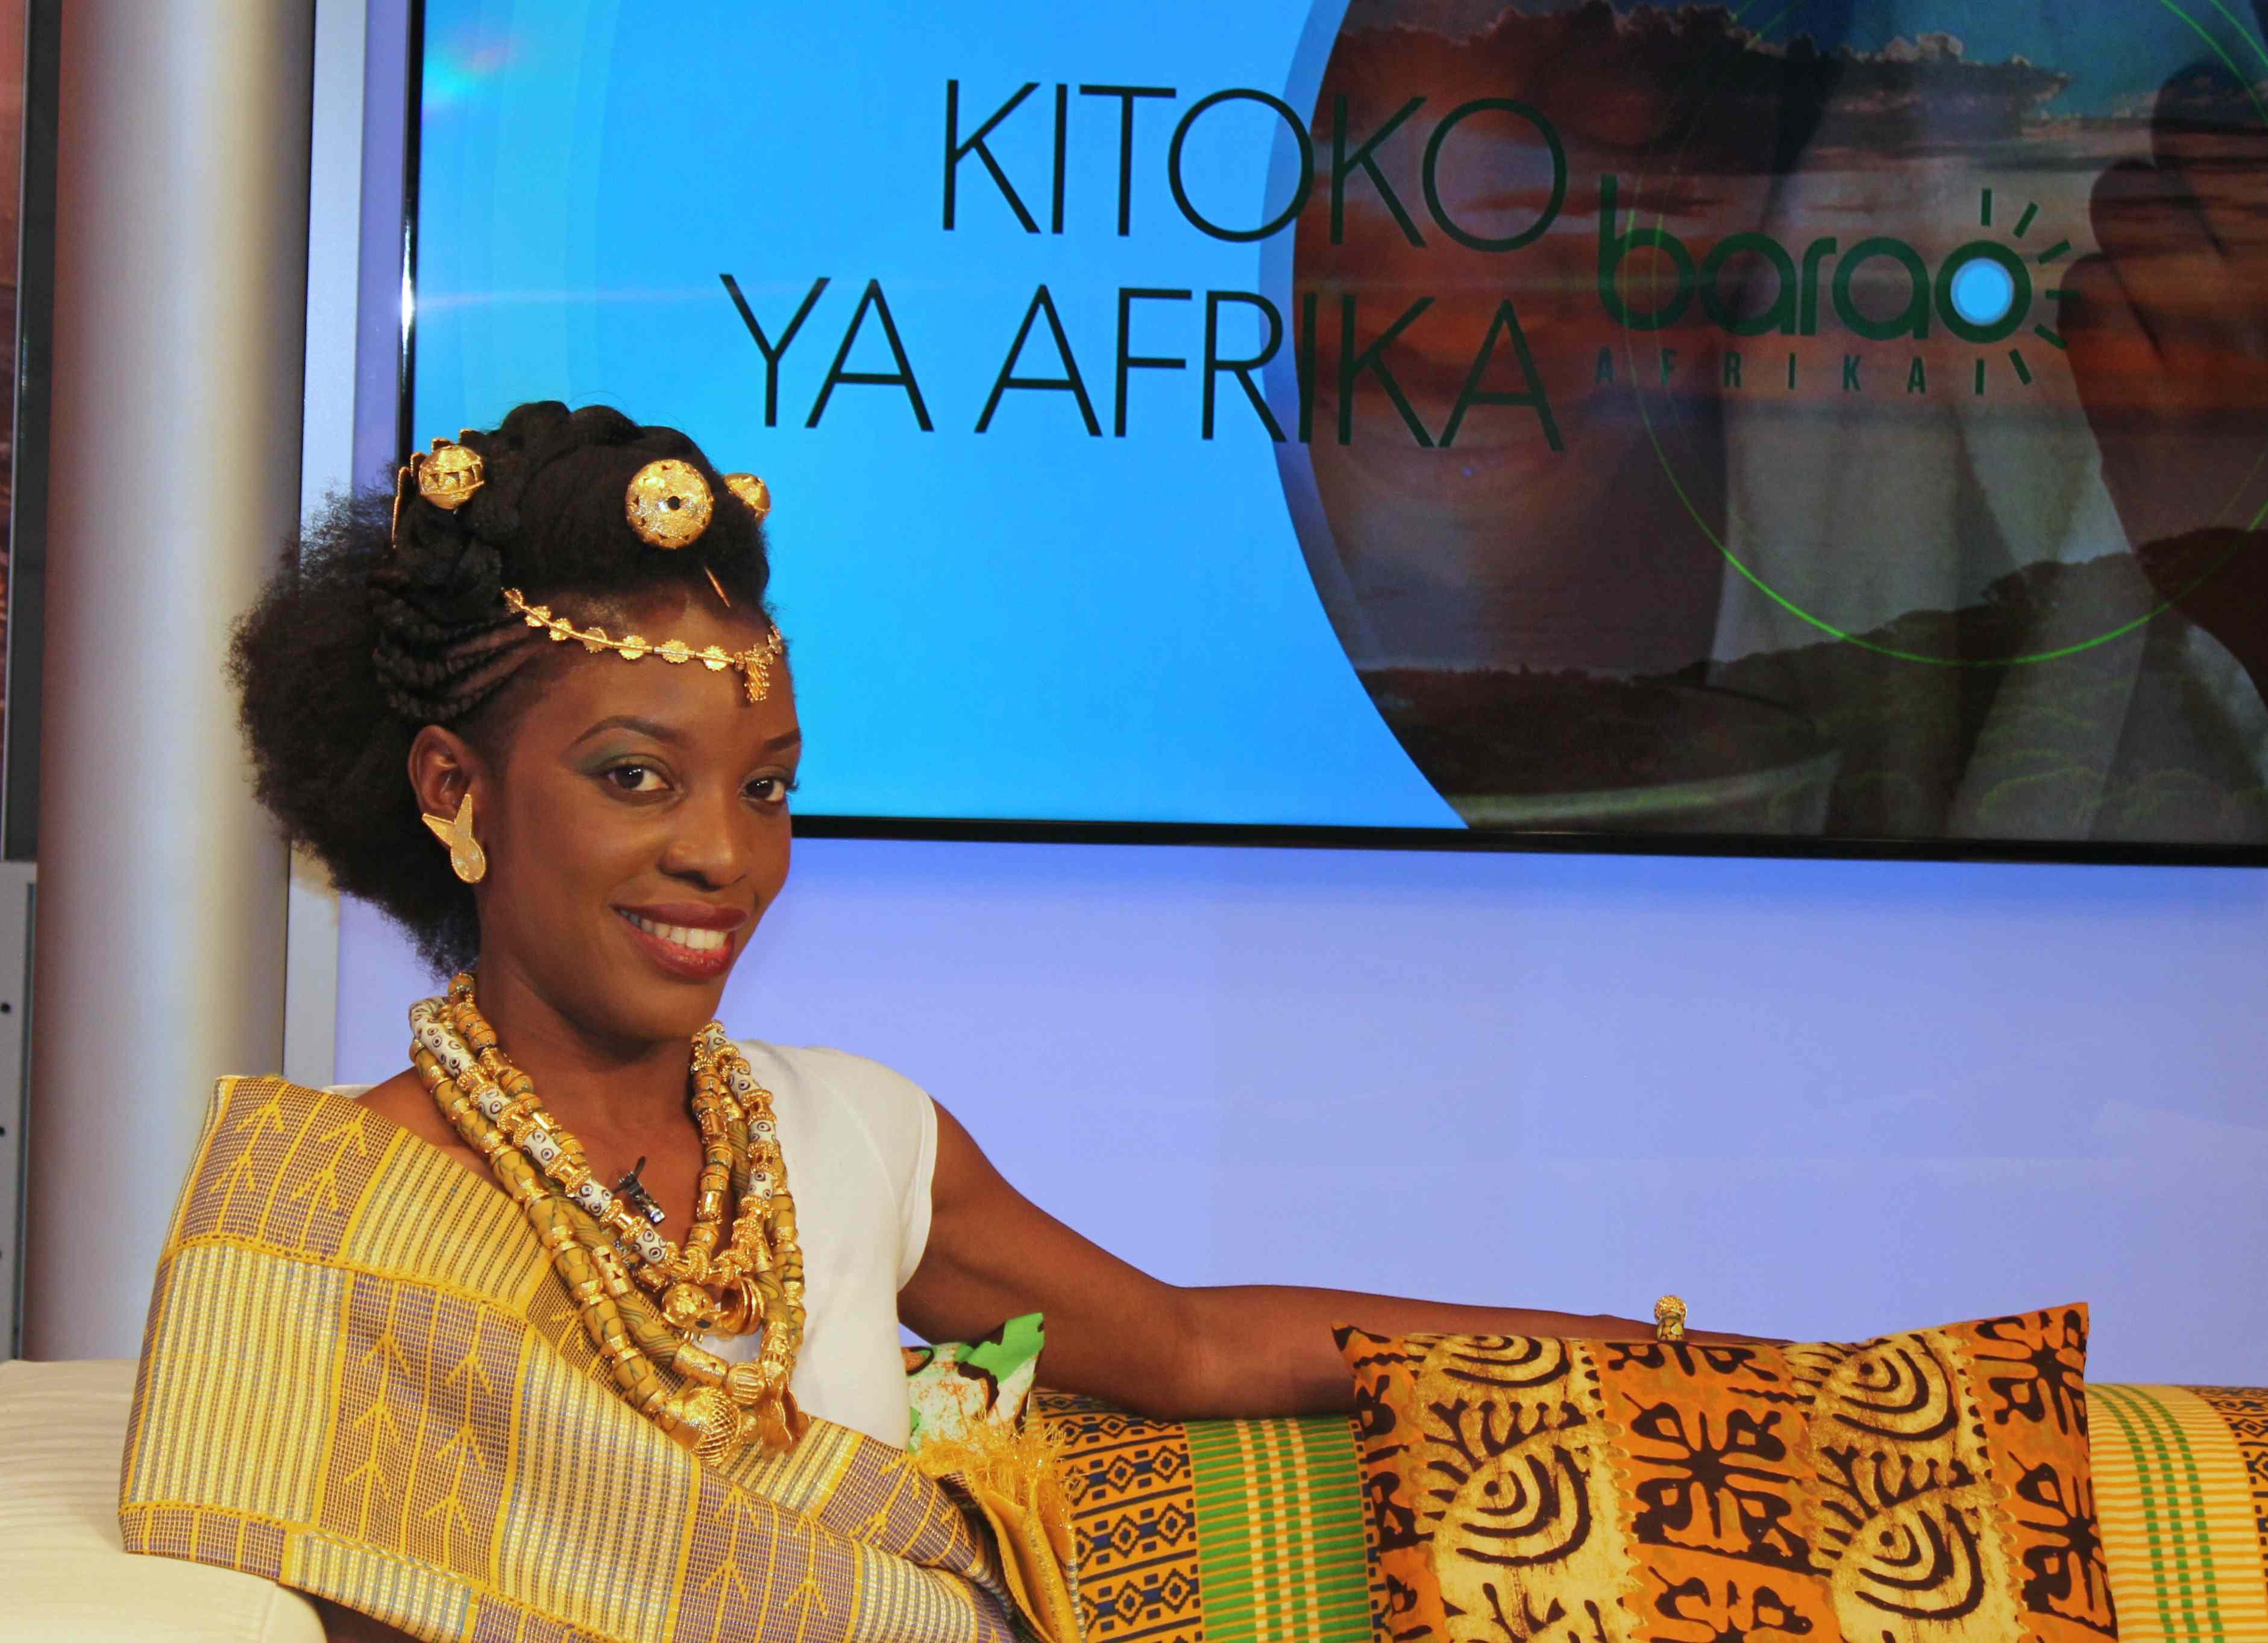 8L chroniqueuse beaute tv voxafrica fashion beauty pundit